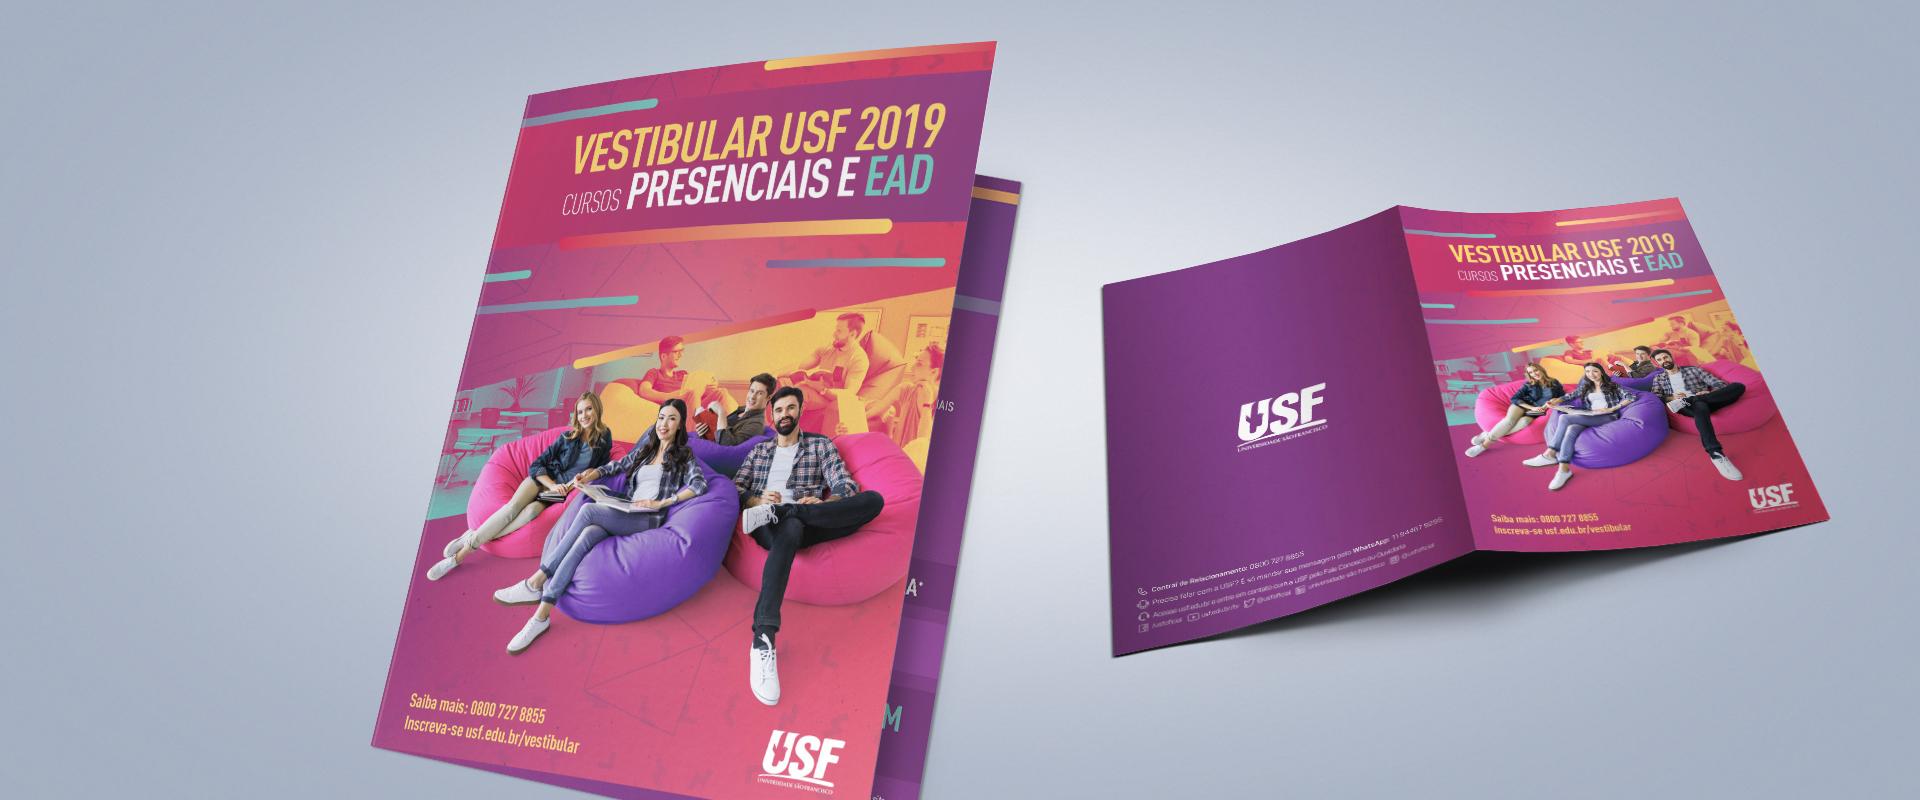 Impulsa cria campanha para o Vestibular da USF pela terceira vez